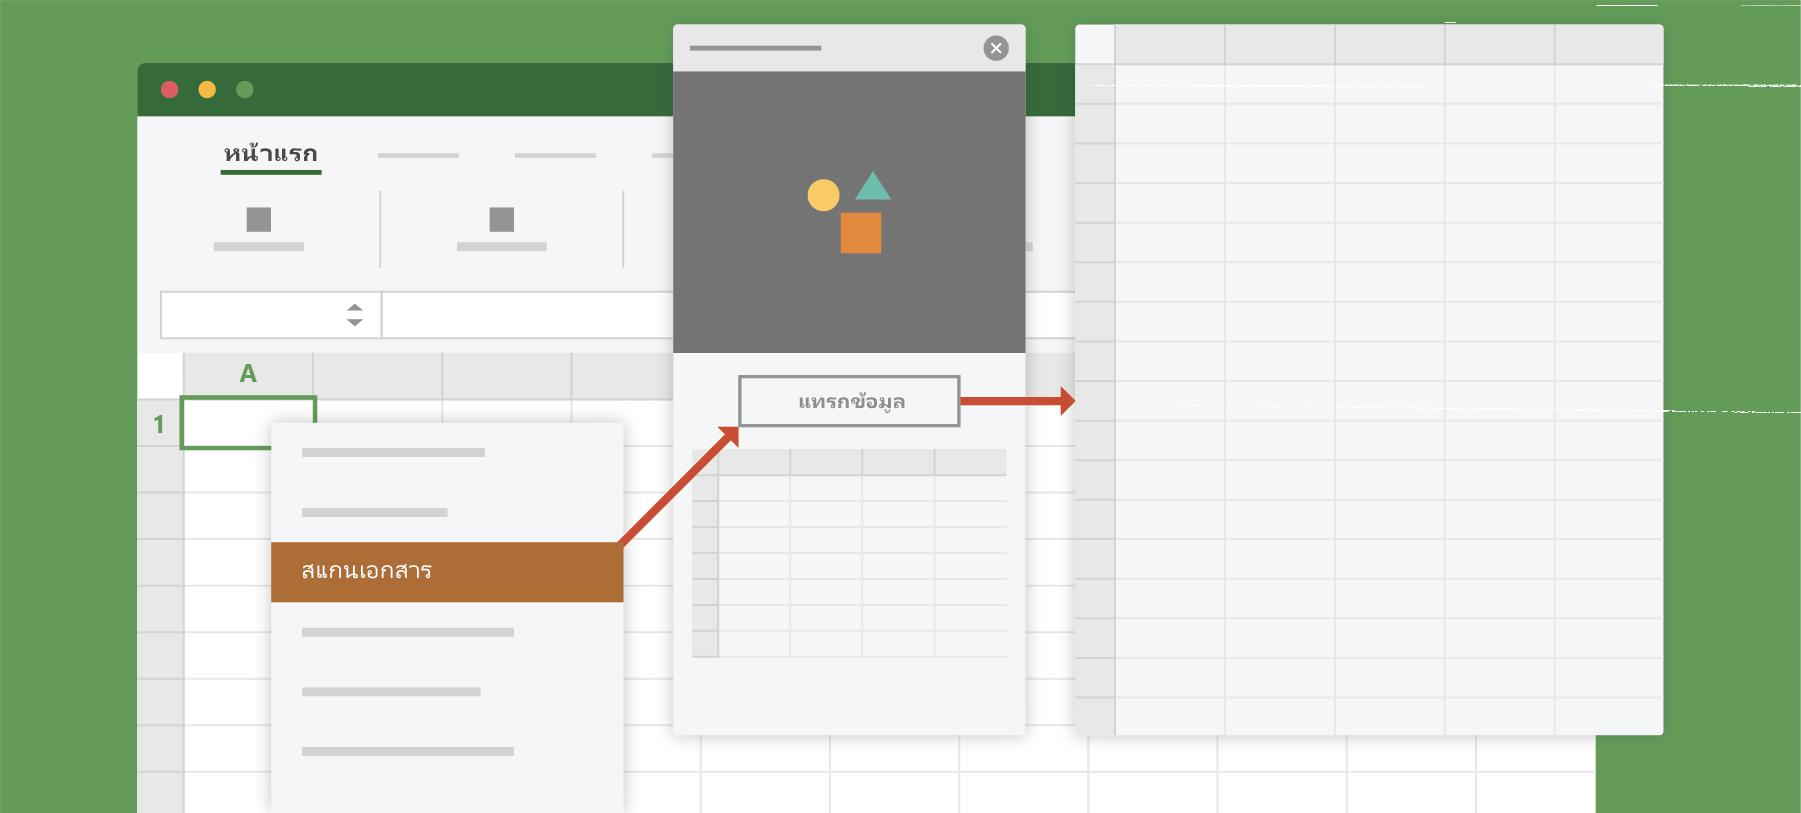 แสดงตัวเลือกการสแกนเอกสารใน Excel